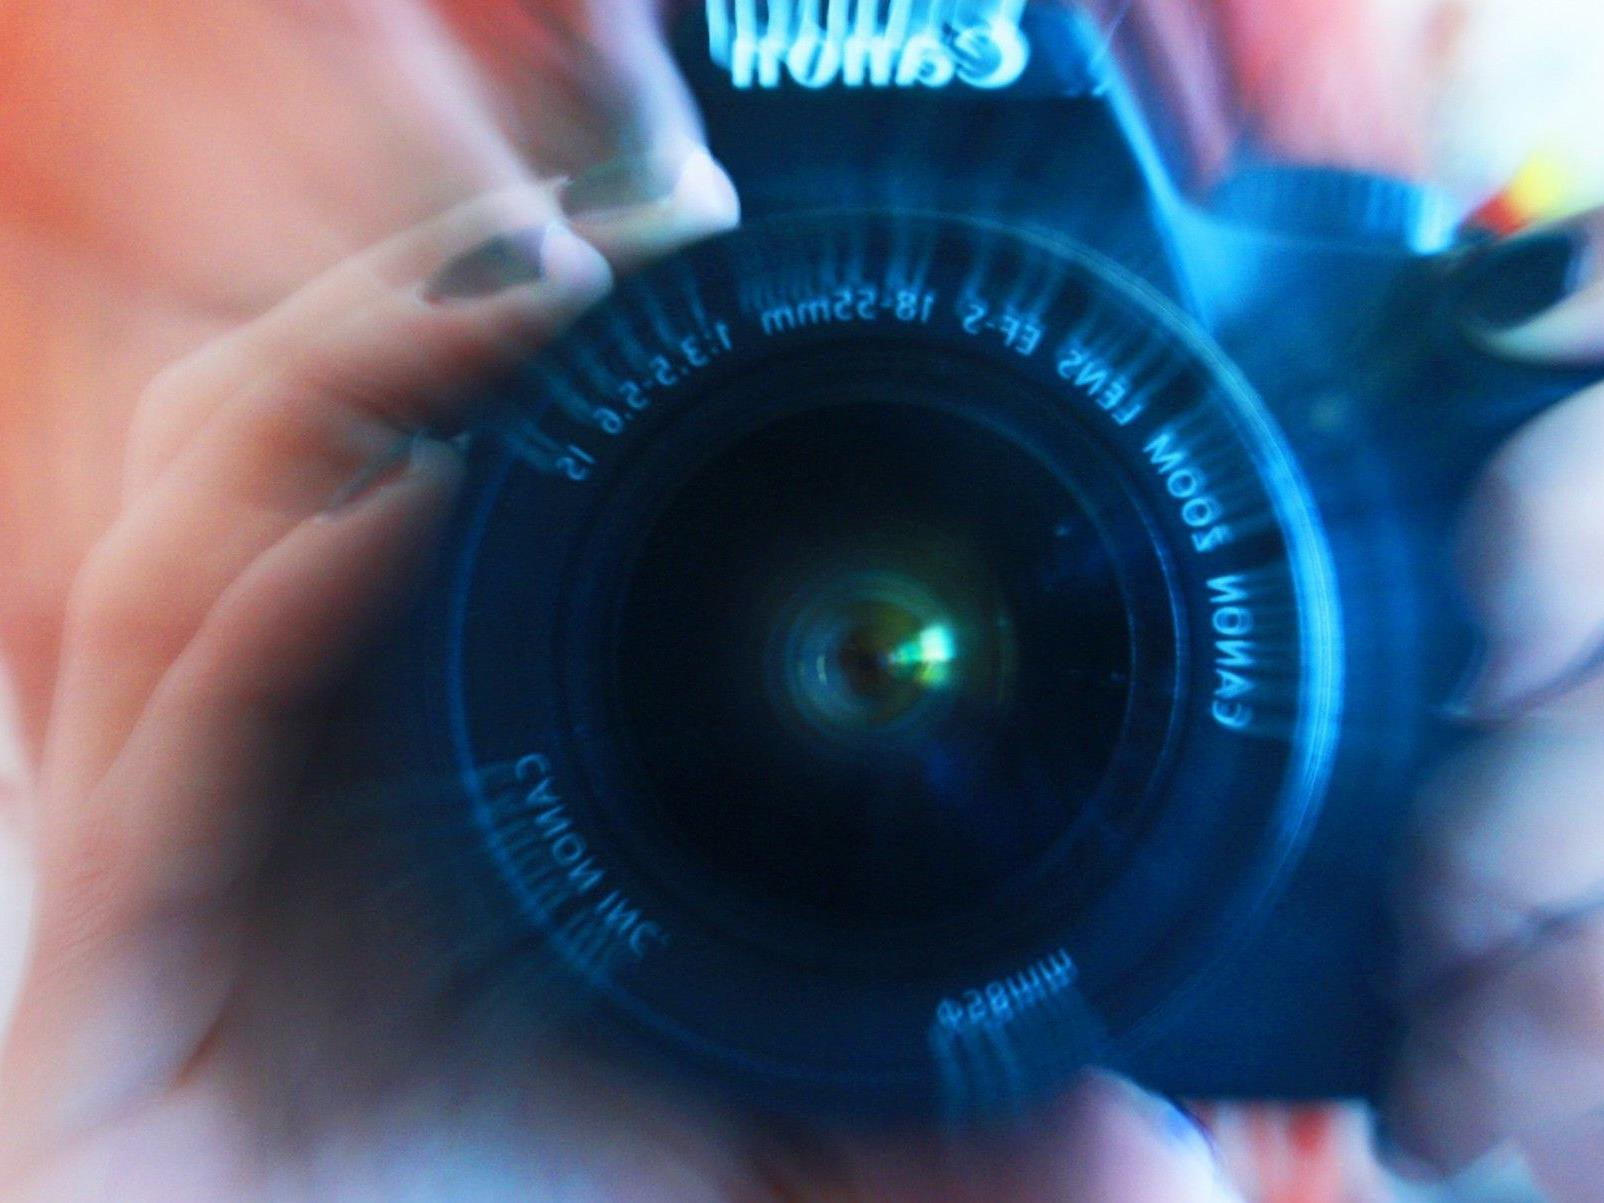 Am 13. Oktober 2012 findet der erste weltweite Photowalk auch in Wien statt.